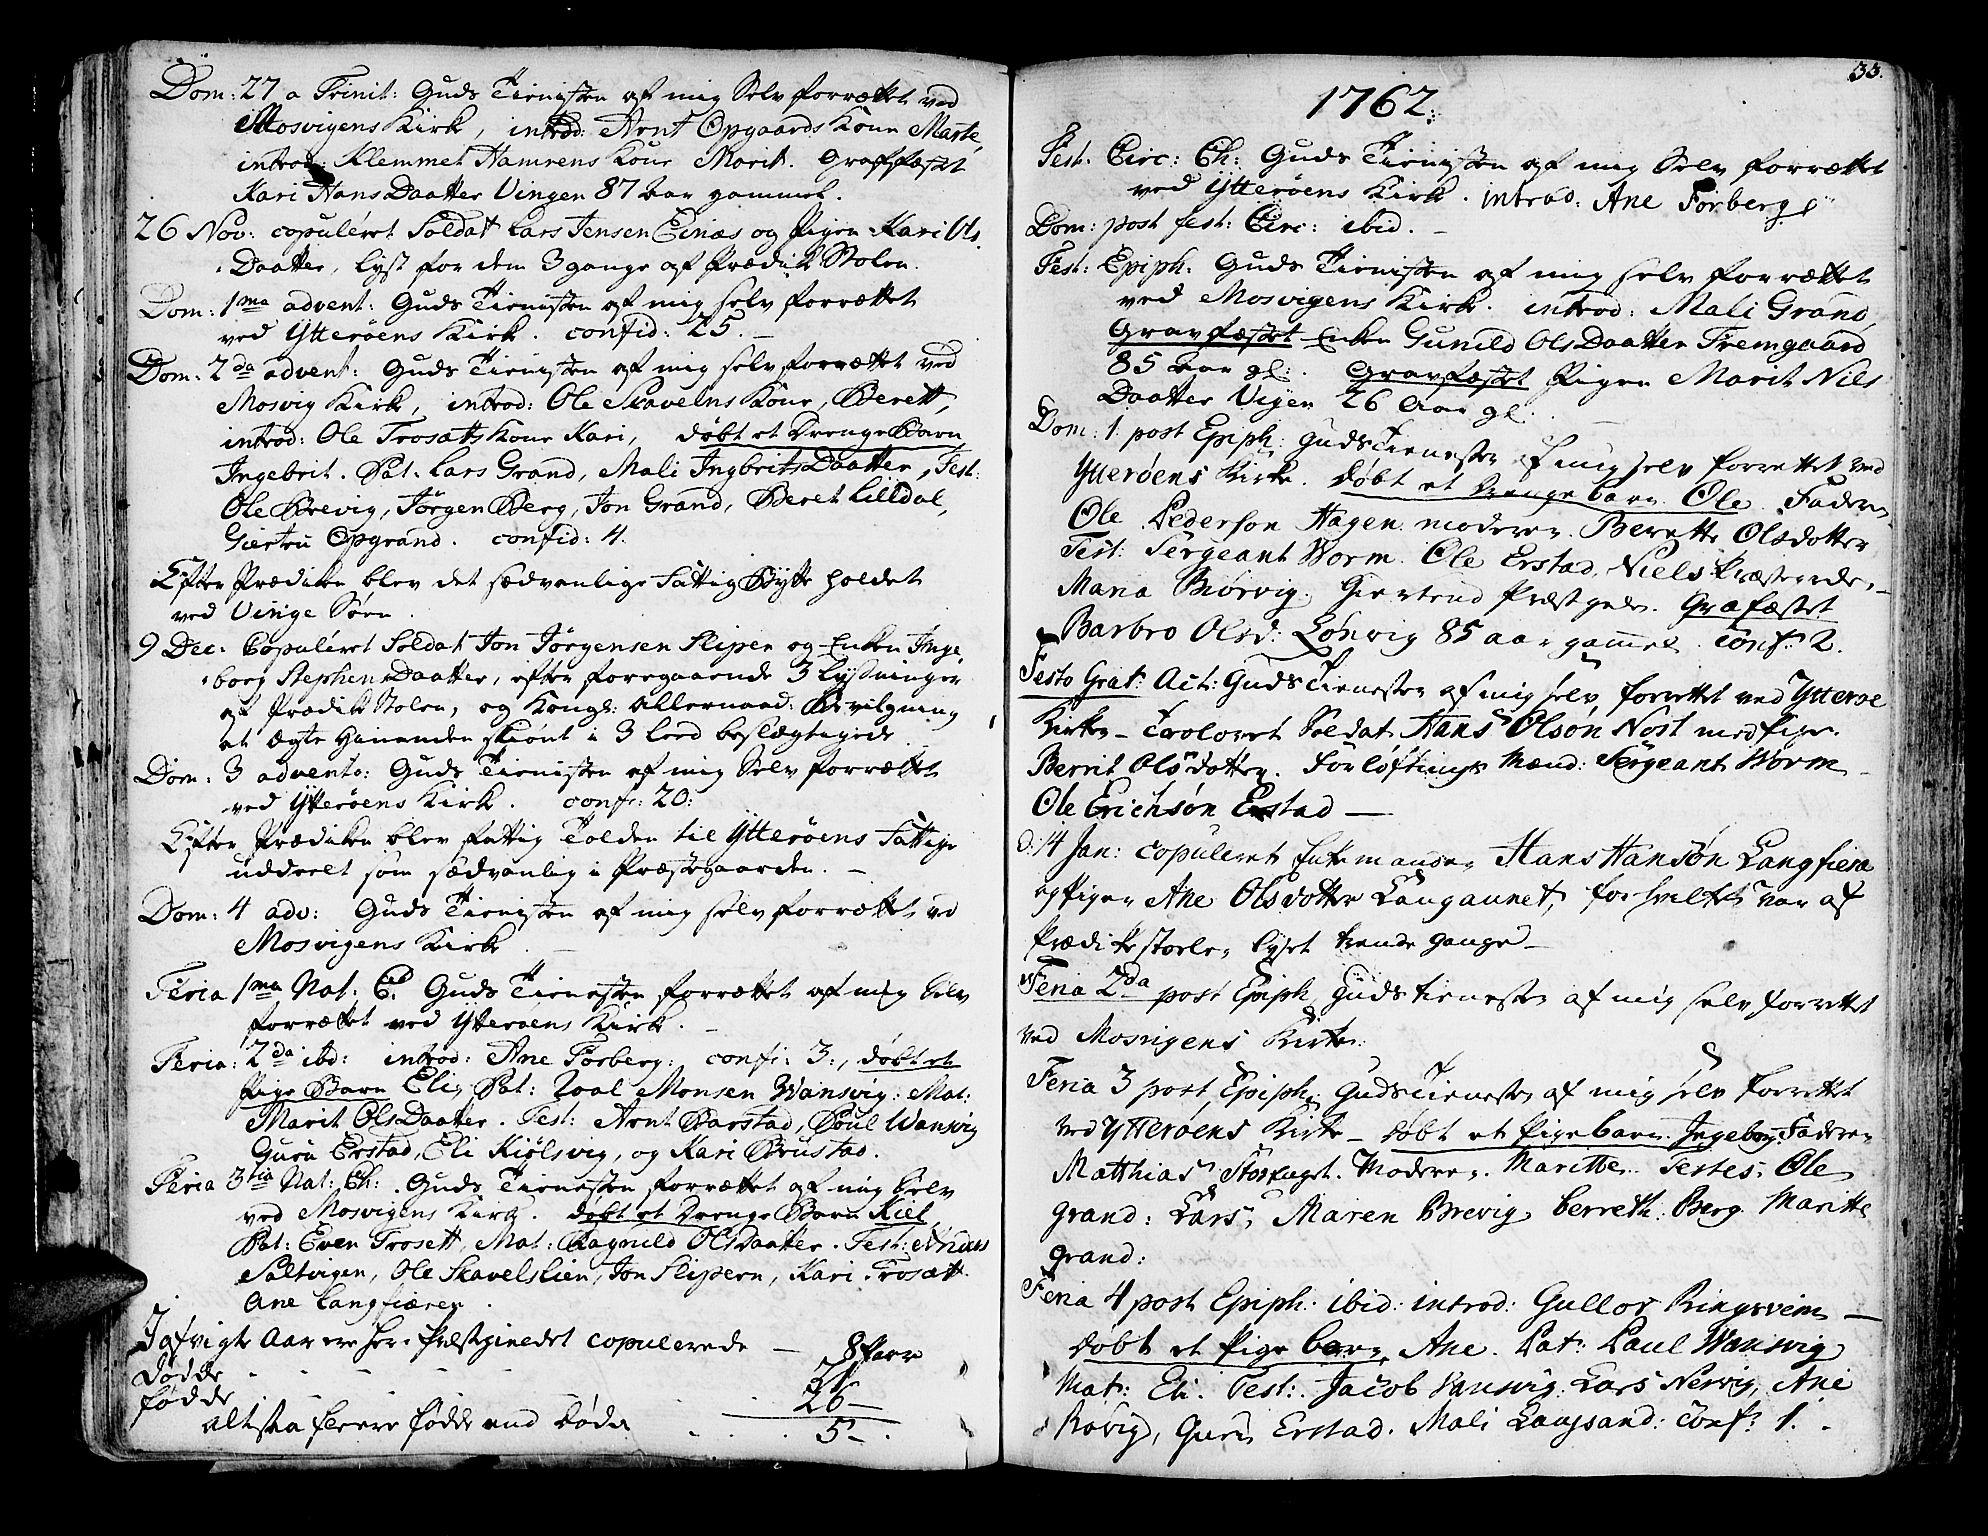 SAT, Ministerialprotokoller, klokkerbøker og fødselsregistre - Nord-Trøndelag, 722/L0216: Ministerialbok nr. 722A03, 1756-1816, s. 33